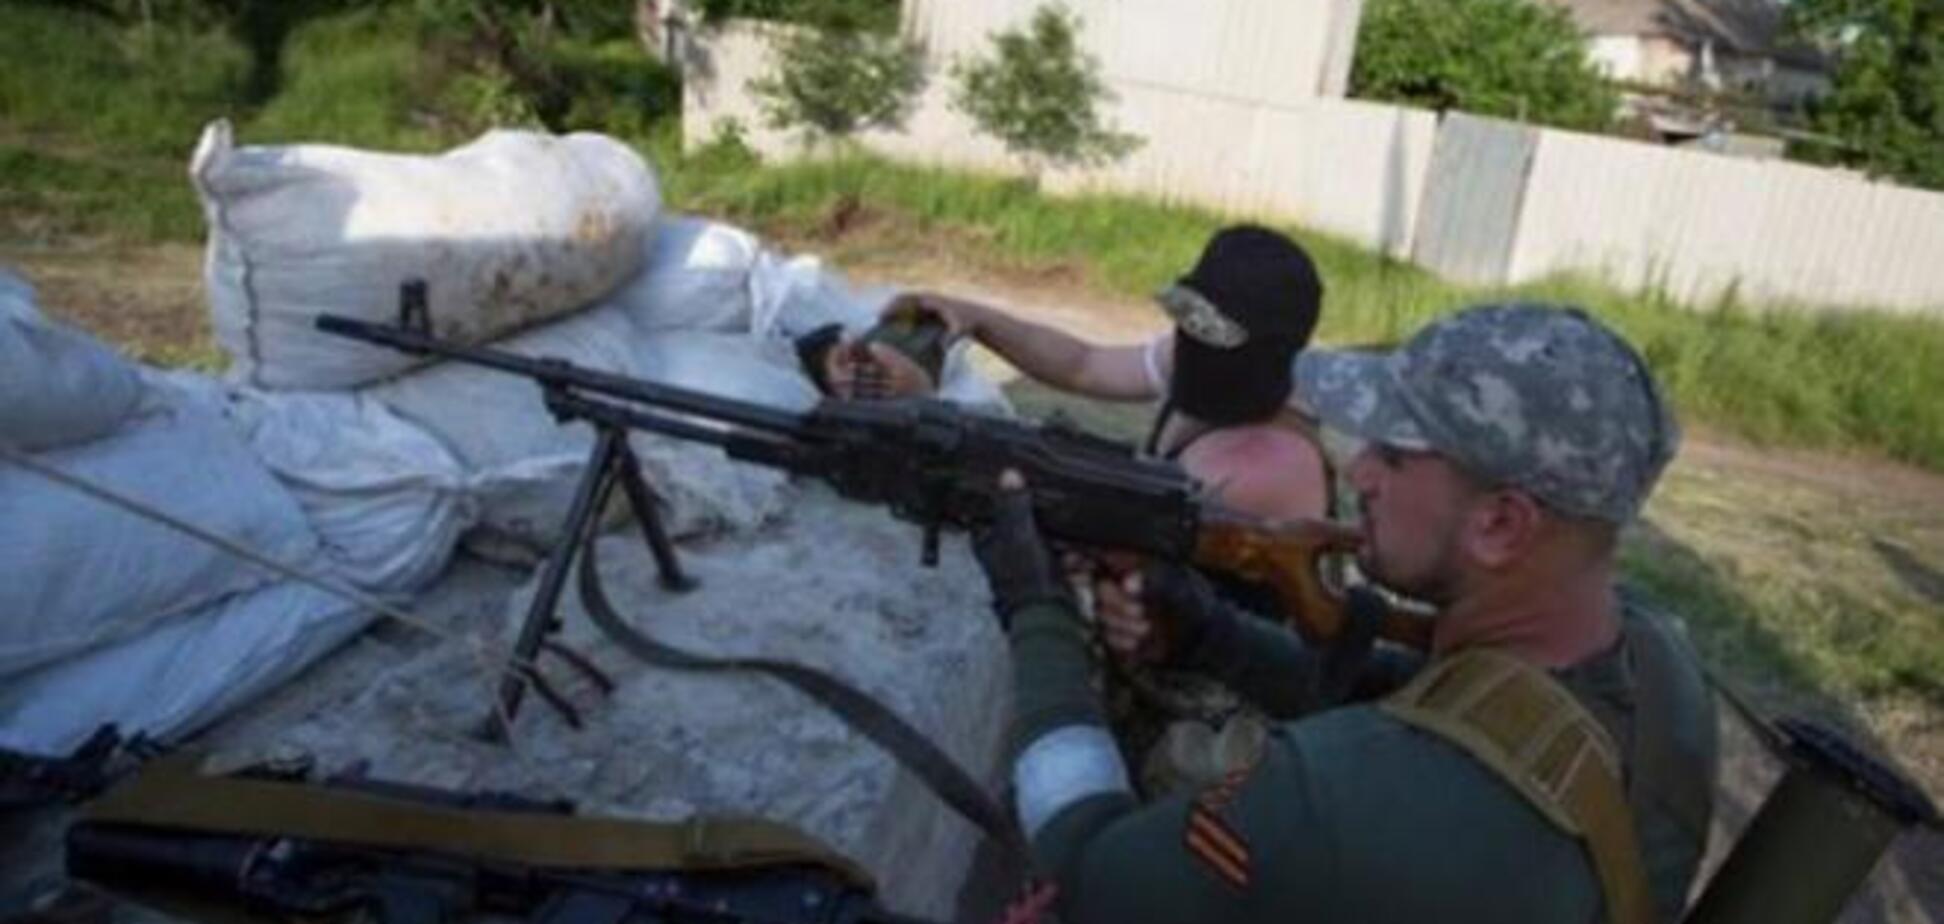 Розпочато розслідування вбивства терористами 18-річної дівчини в Шахтарську